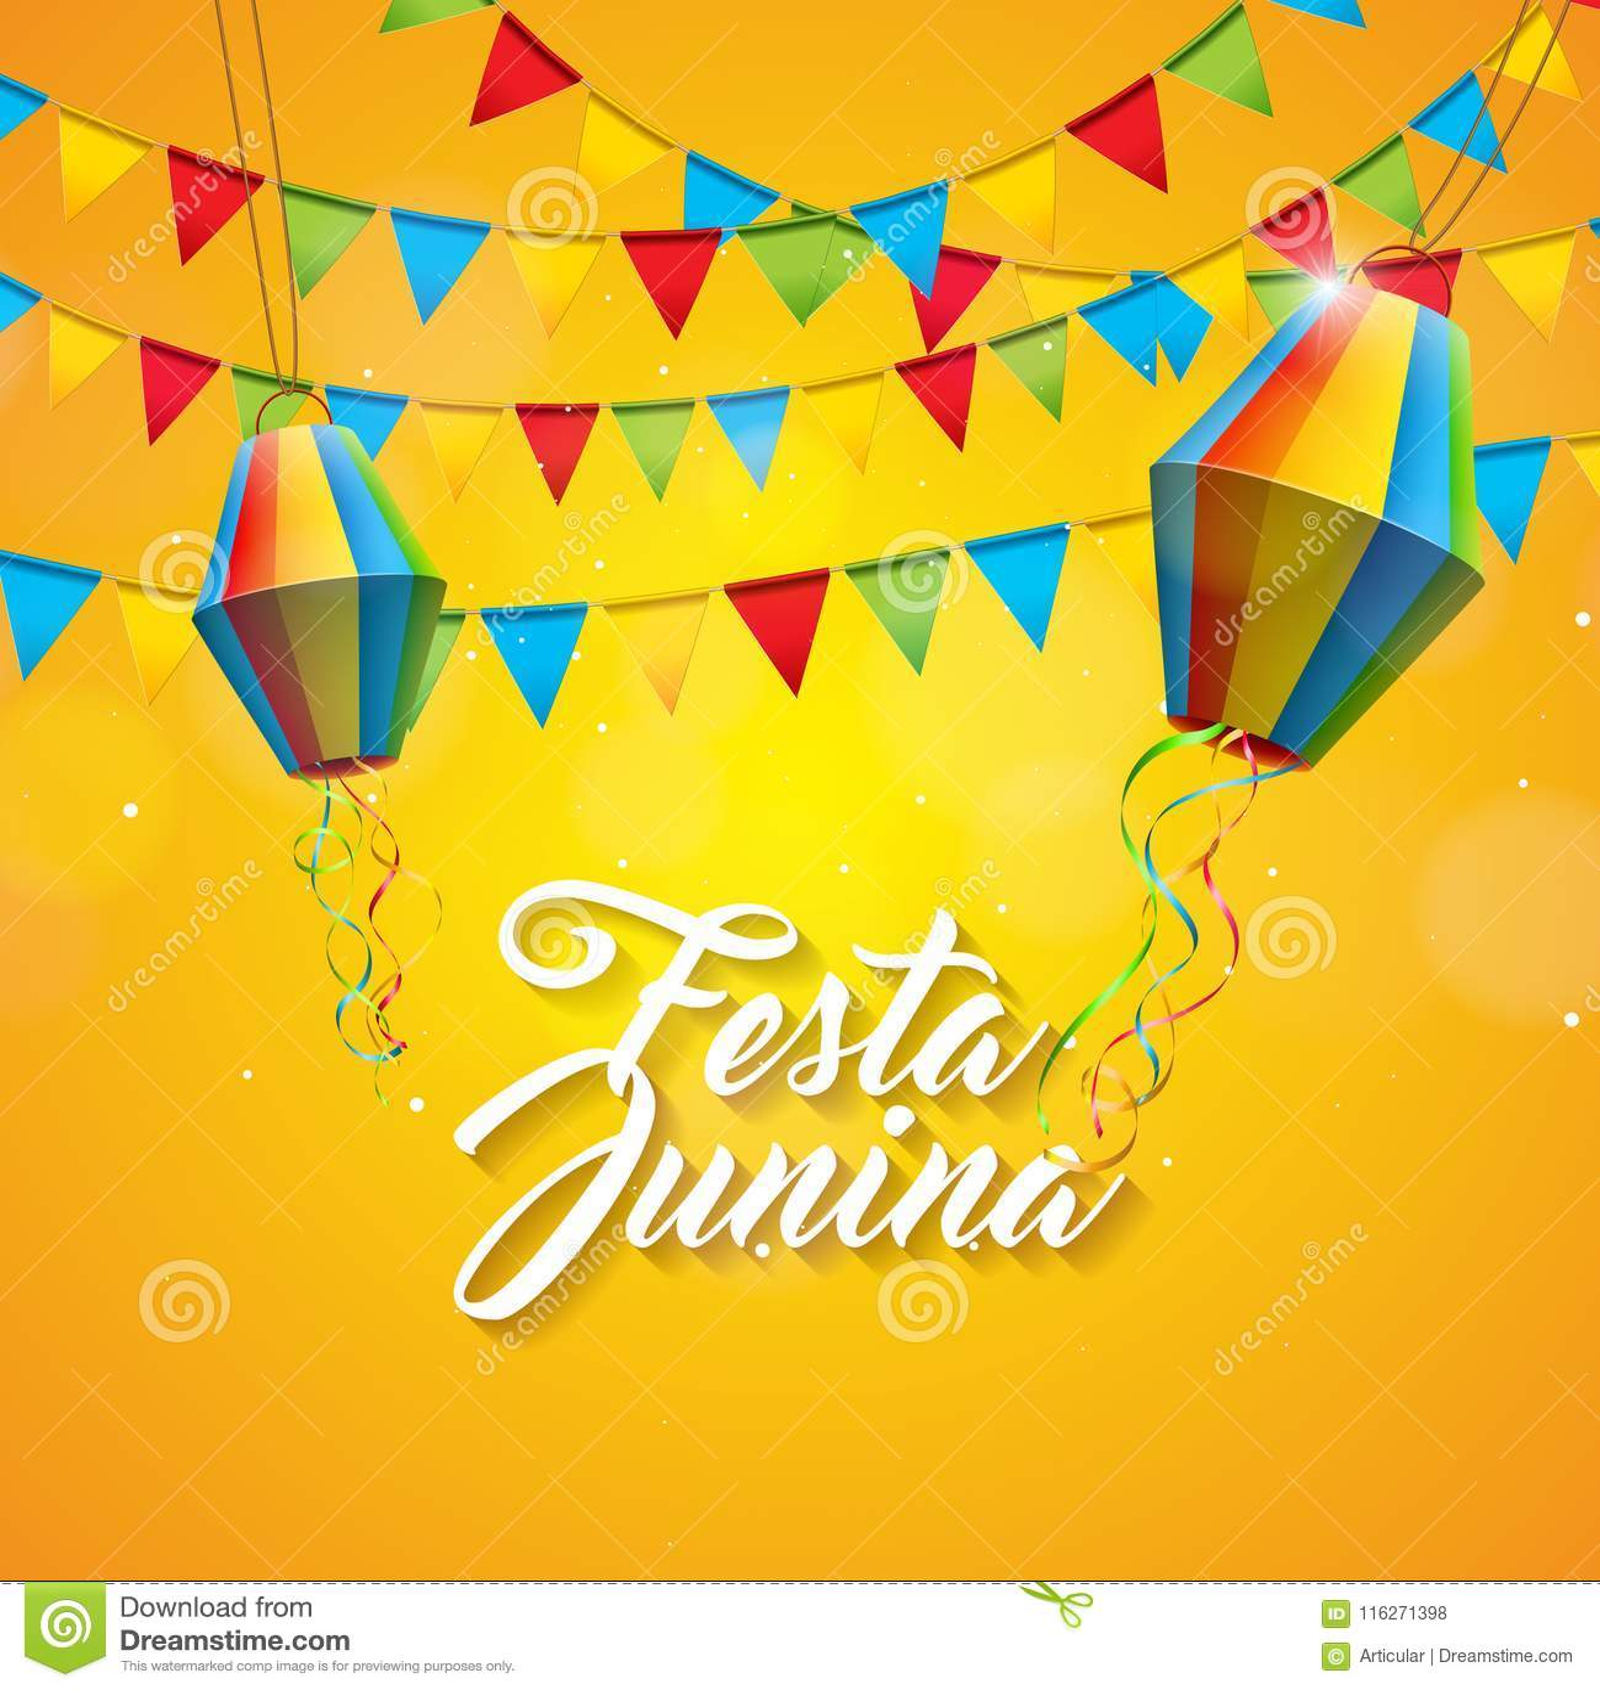 De Illustratie van Festajunina met Partijvlaggen en Document Lantaarn op Gele Achtergrond Vector het Festivalontwerp van Brazilië